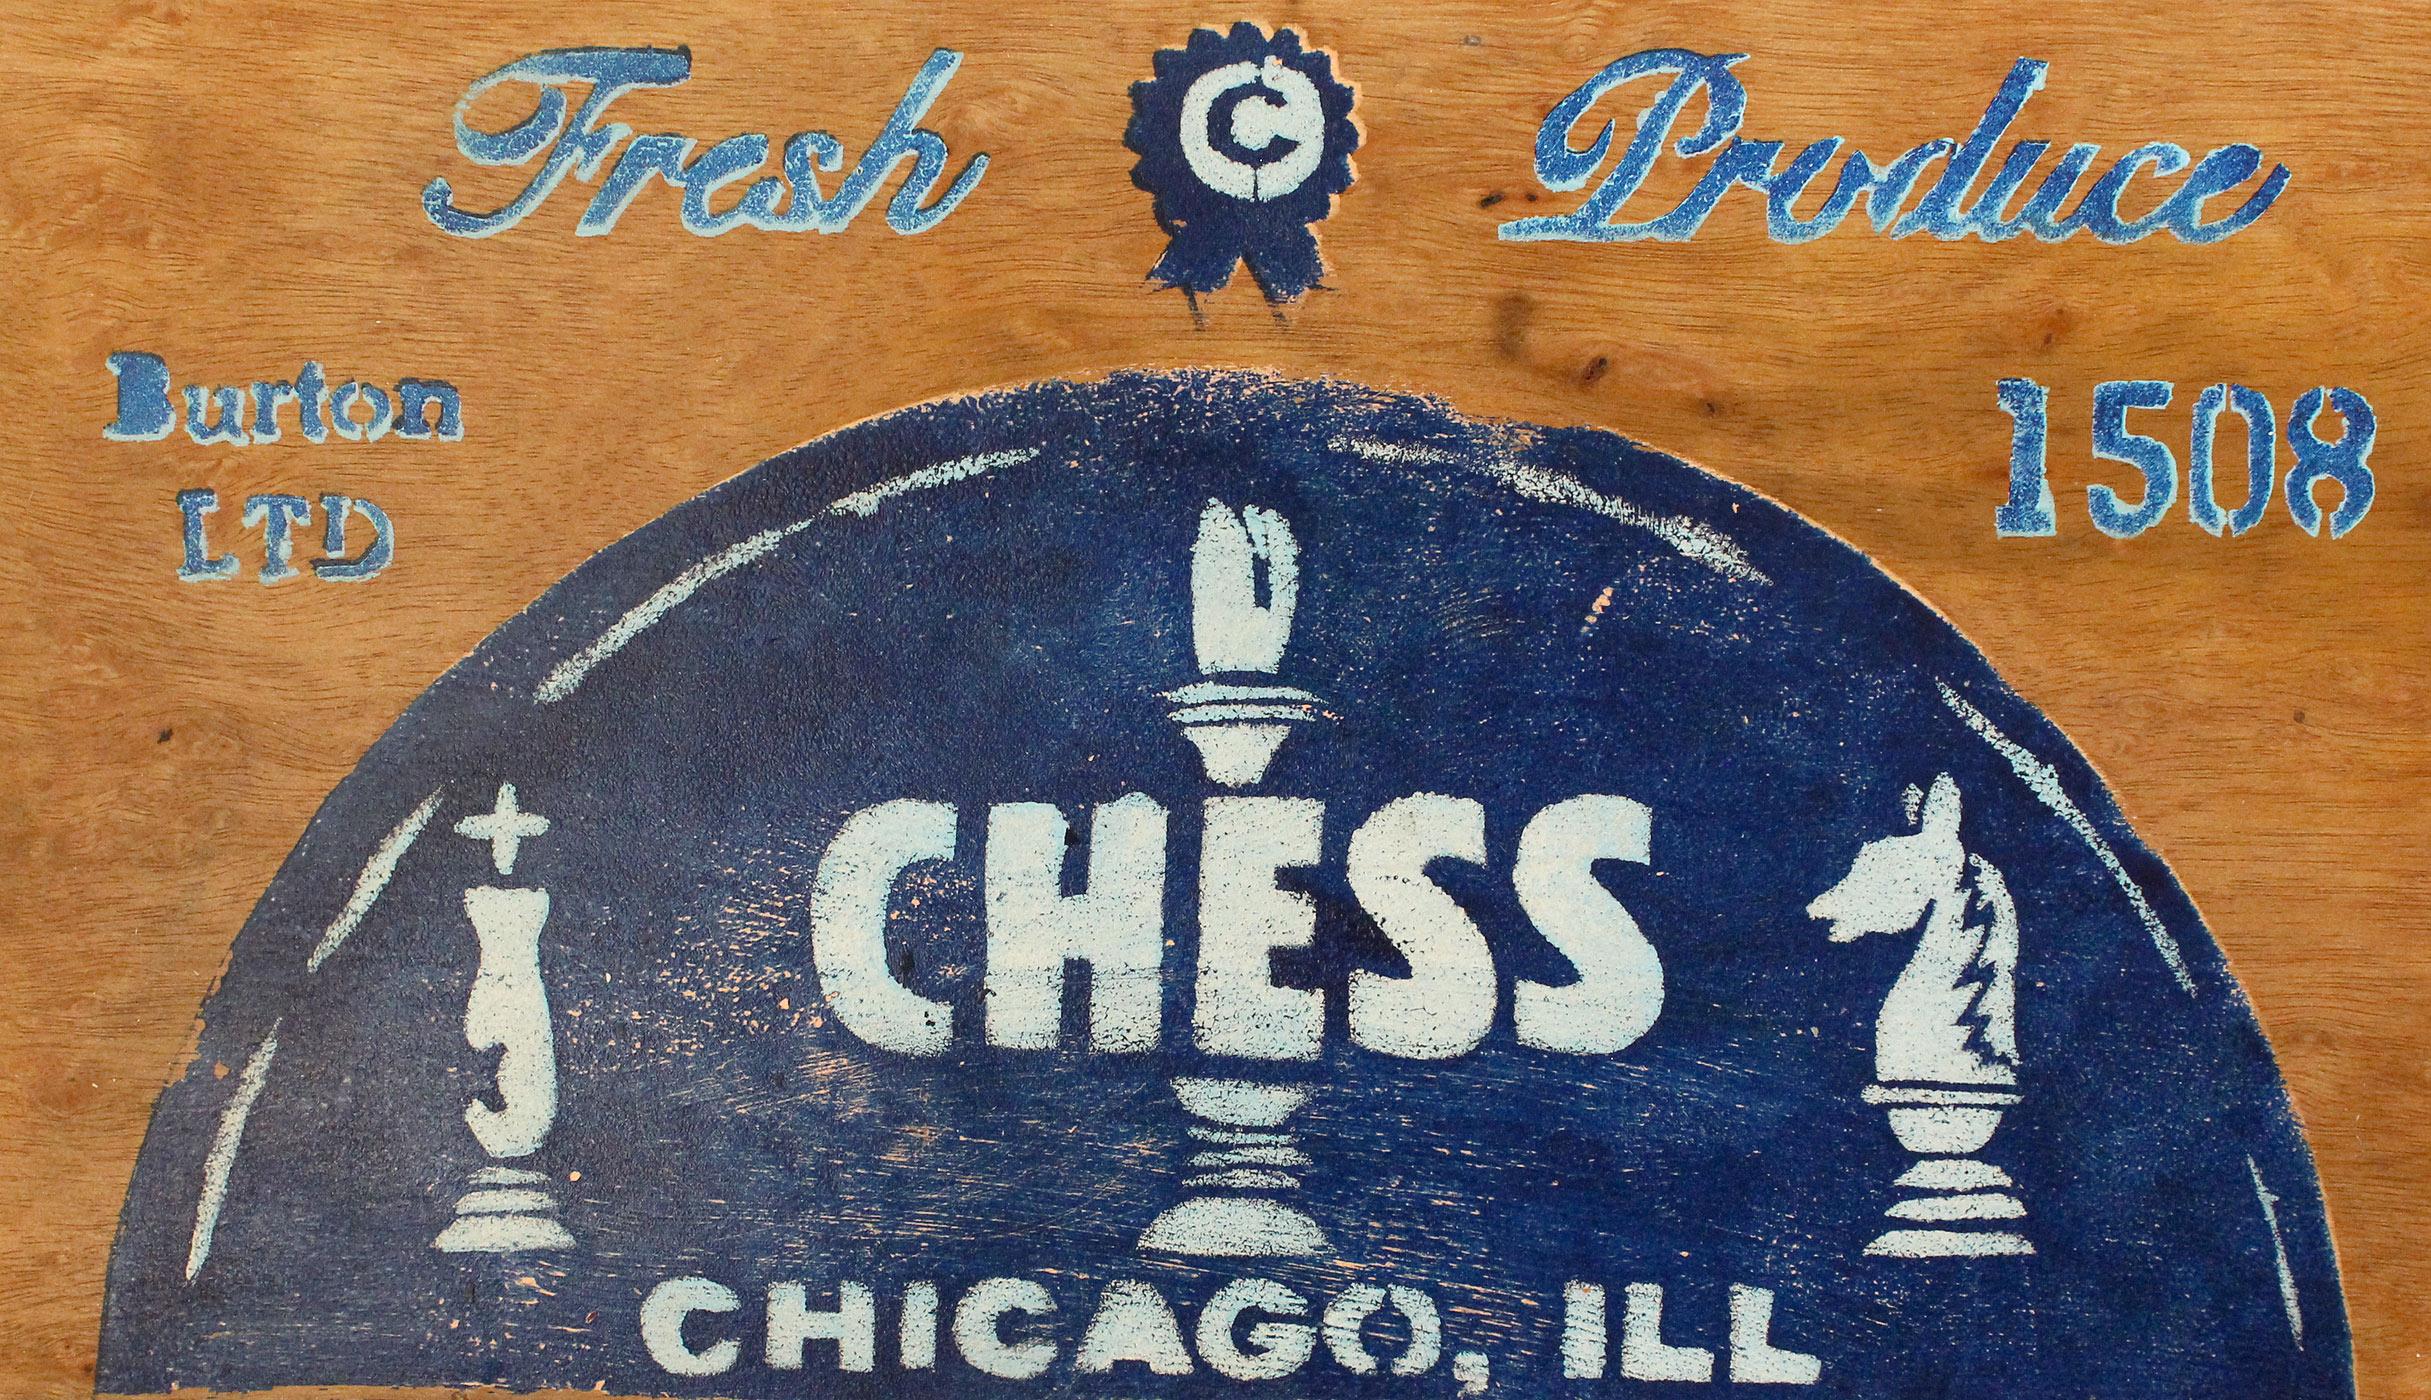 13-chess